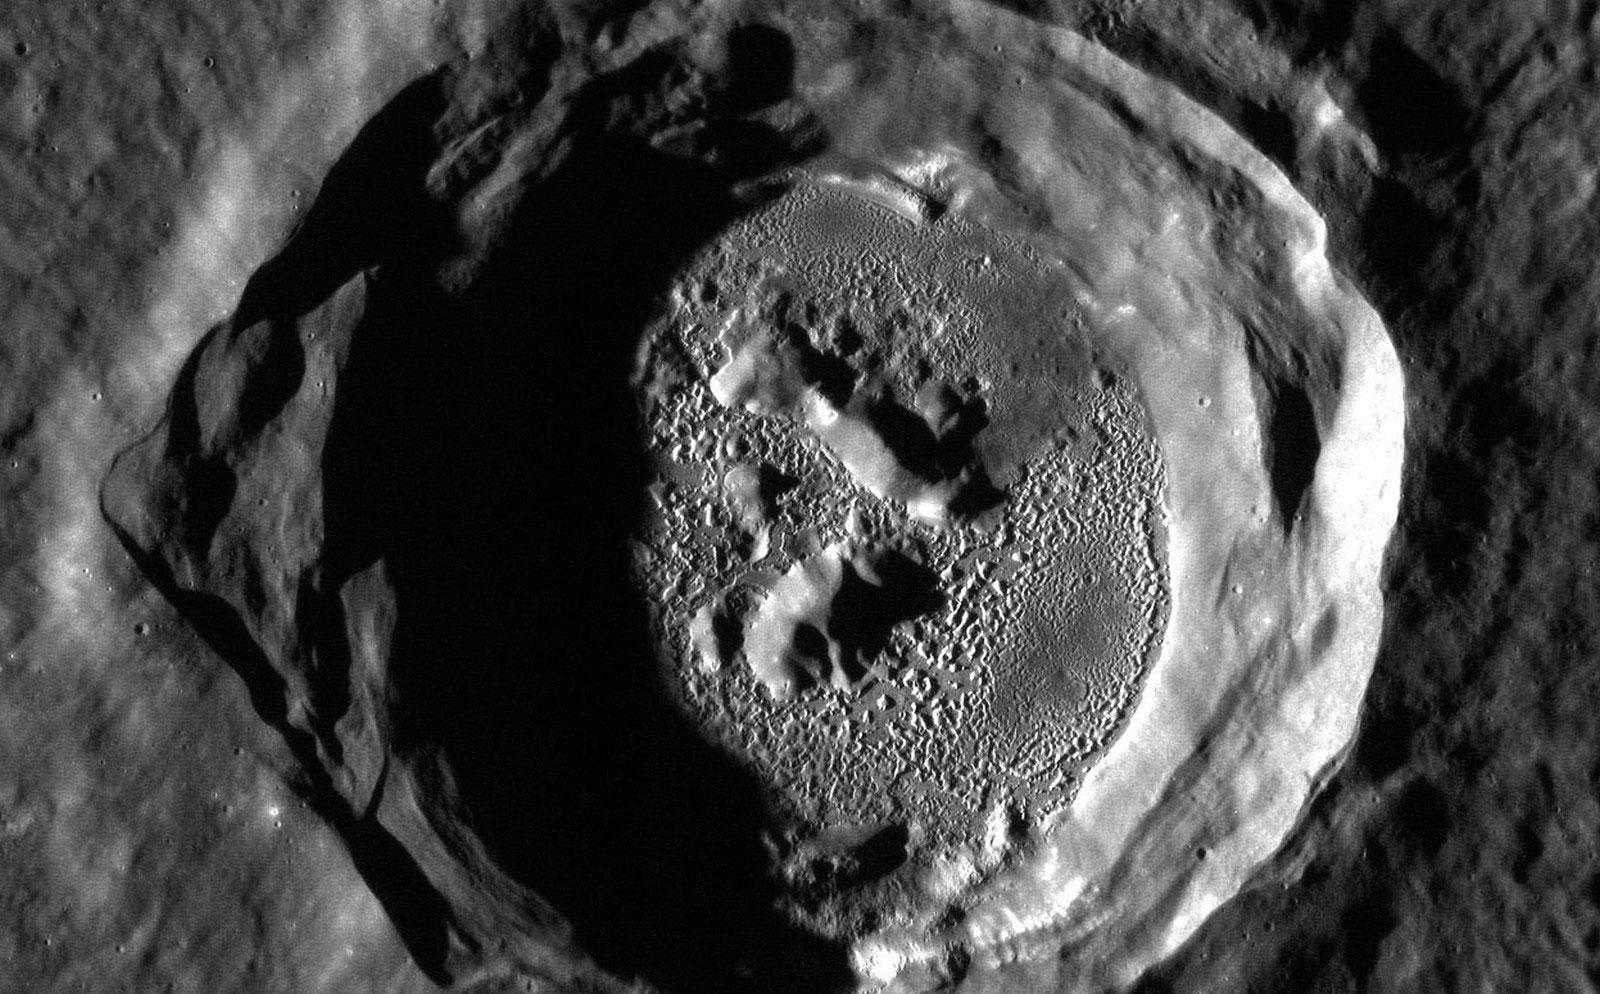 впадины на поверхности Меркурия